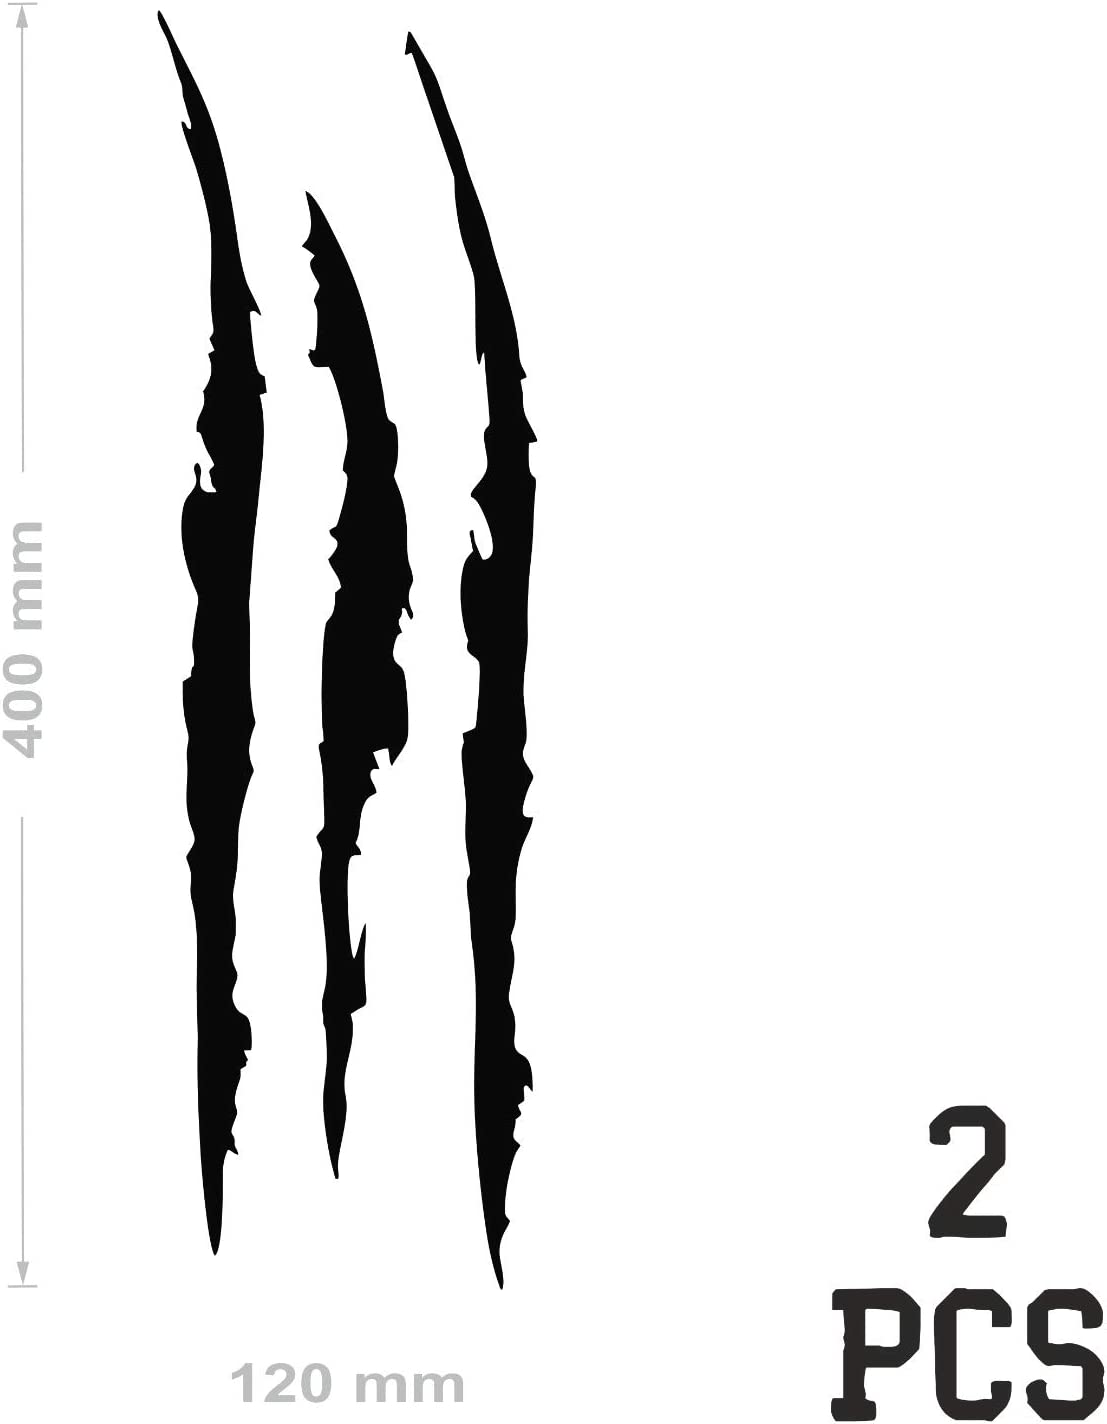 nero Adesivi a forma di Artigli di mostro per la tua Moto o Macchina da applicare esternamente 40 x 12 cm Stickers in vinile Tuning Sport 2 Adesivi per auto a Forma di Graffi